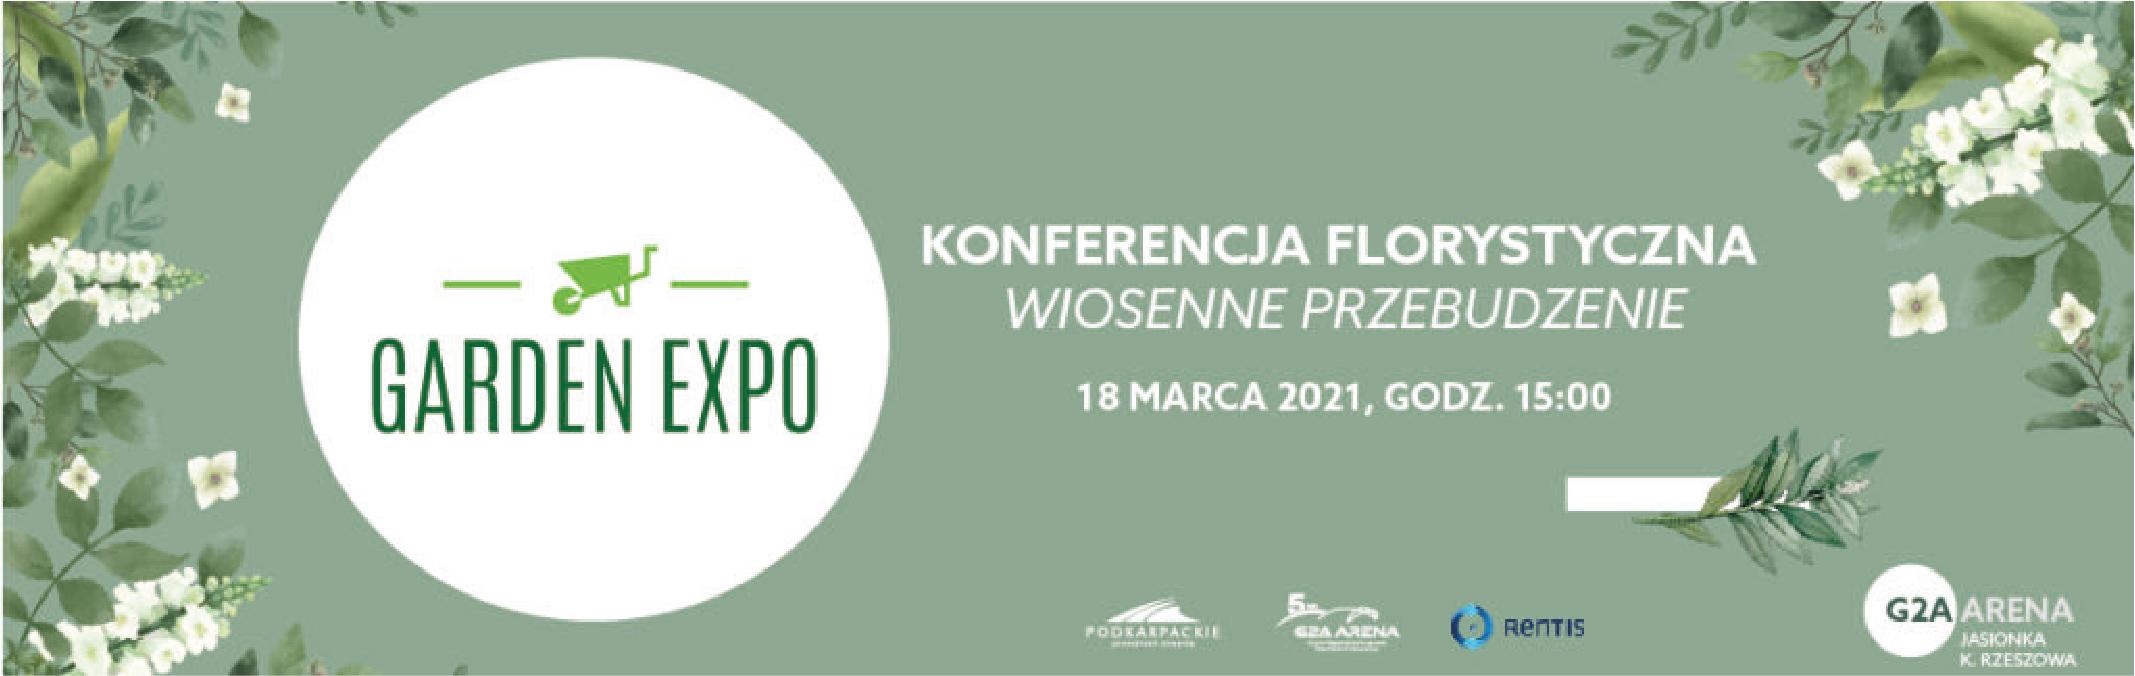 I Konferencja Florystyczna Wiosenne przebudzenie || GARDEN EXPO